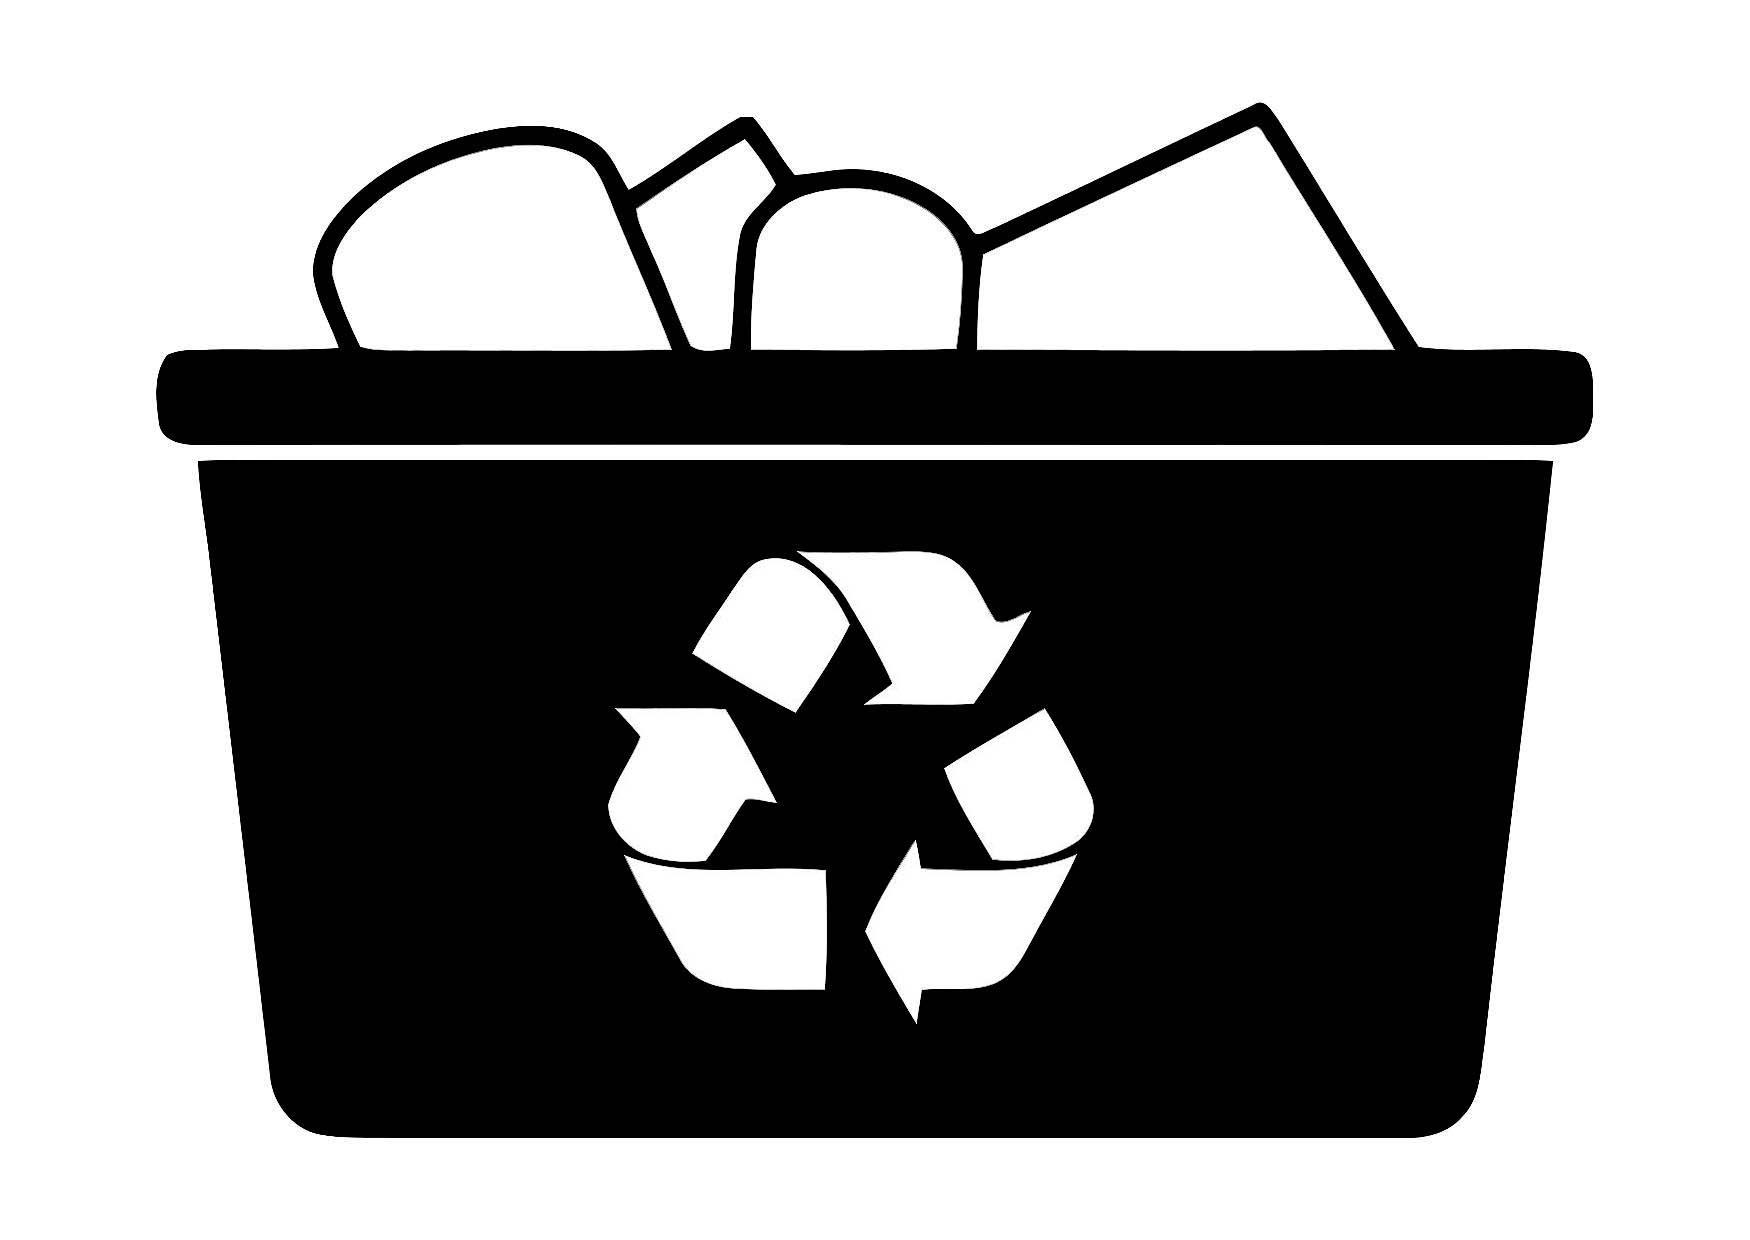 Dibujo para colorear reciclar img 11351 images - Papel para dibujar ...